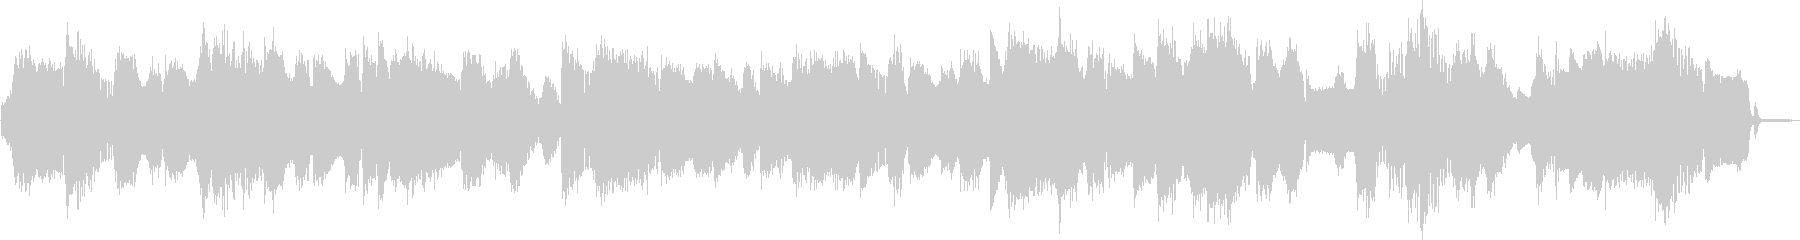 ビックバンドジャズ、スローバラードの未再生の波形